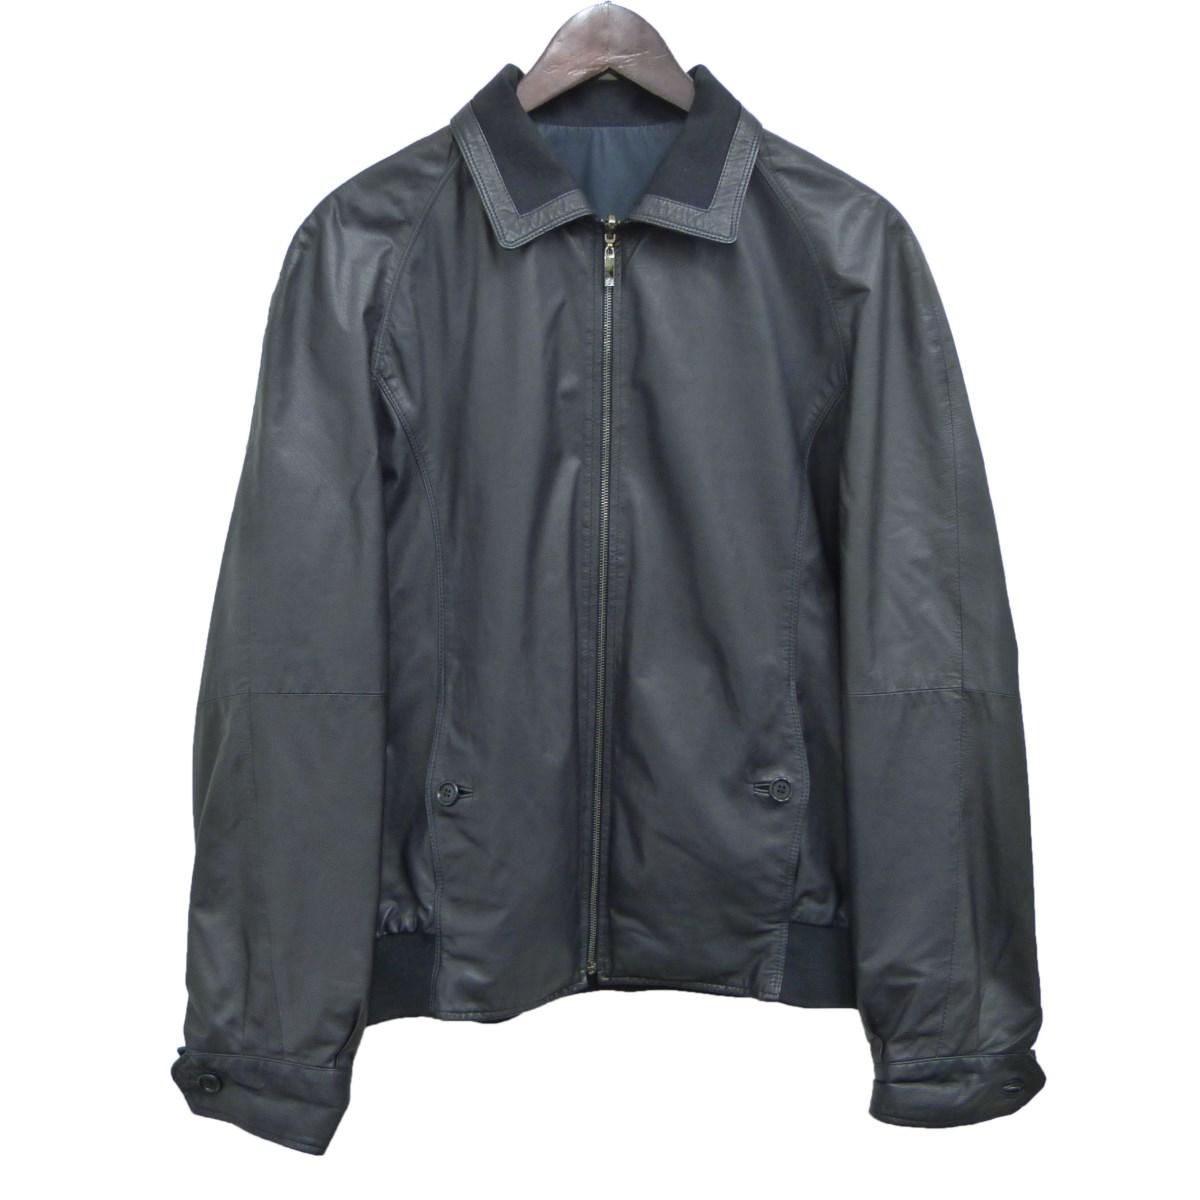 【中古】LOEWE リバーシブルレザージャケット ネイビー サイズ:M 【250320】(ロエベ)